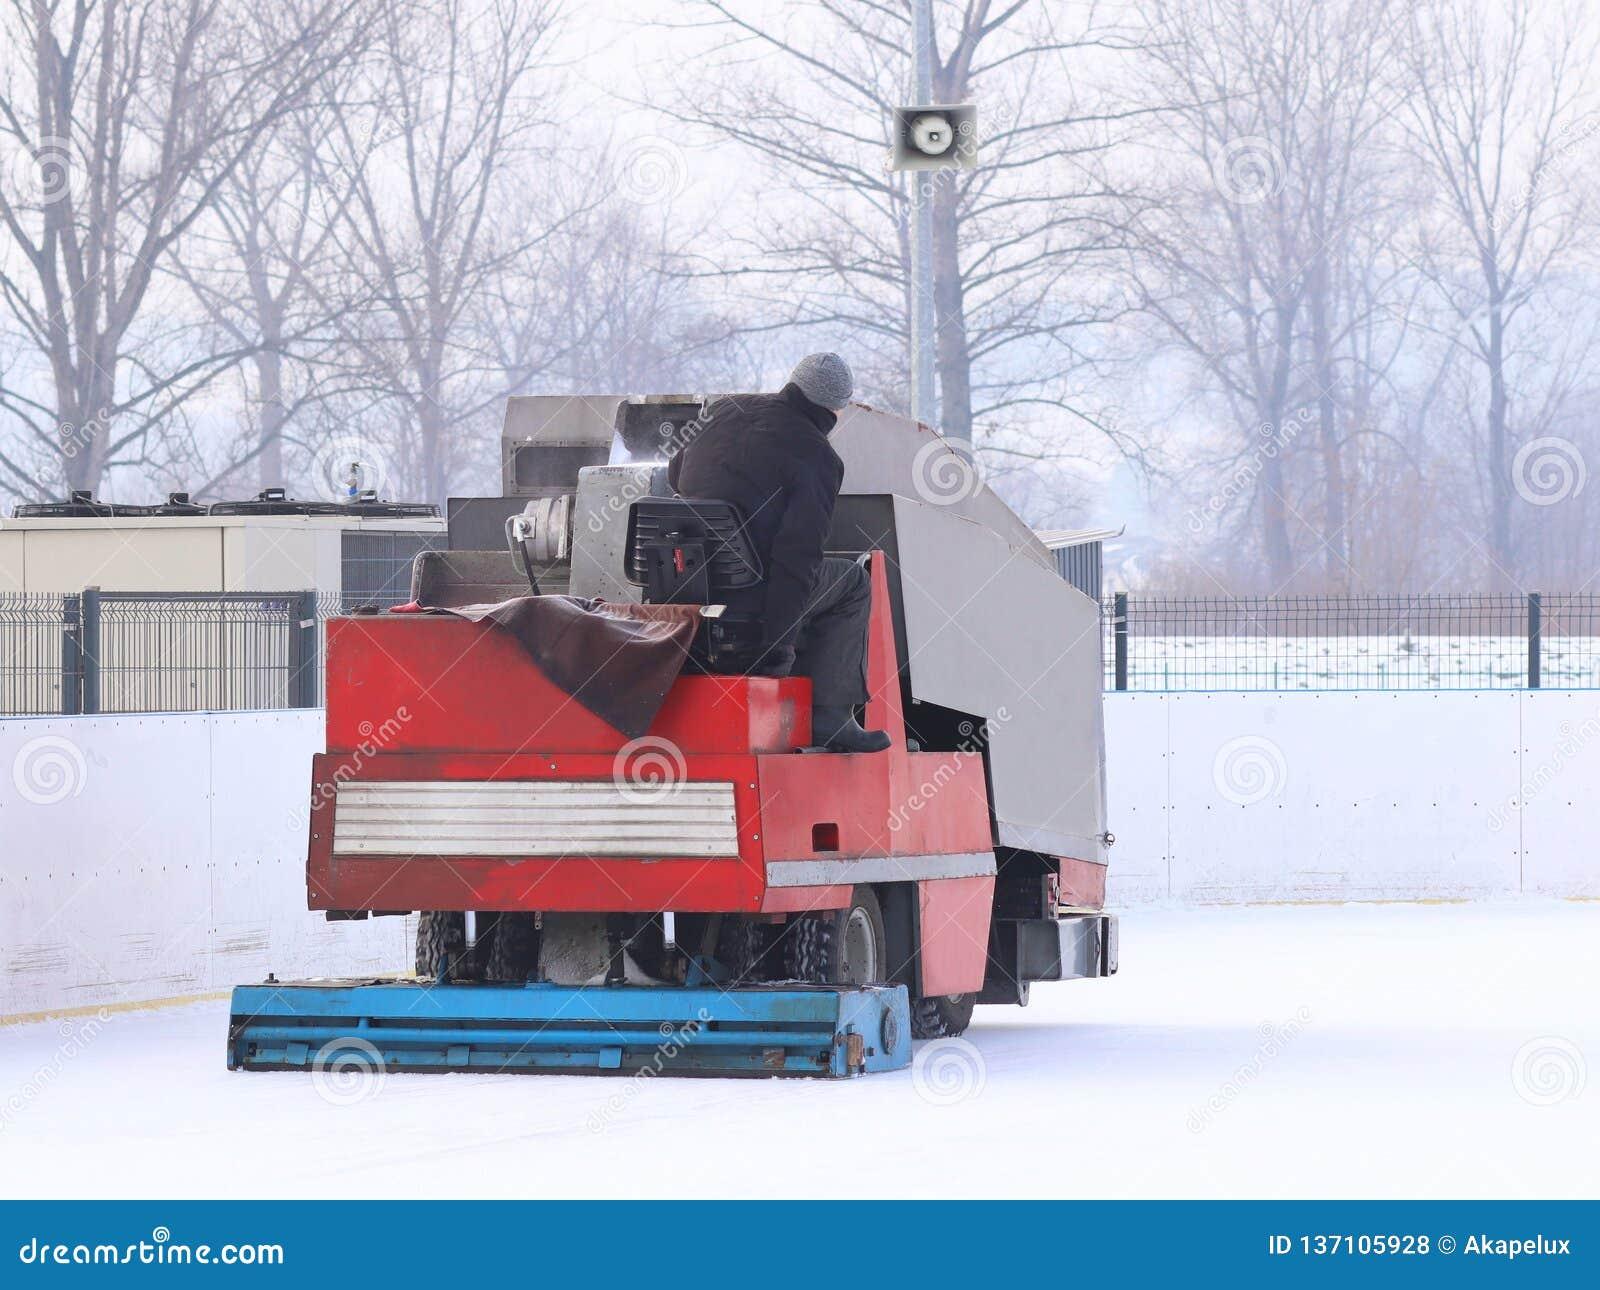 Работник снимает машину особенного льда maintenant на катке спорт Варить место для кататься на коньках подготовка льда на катке